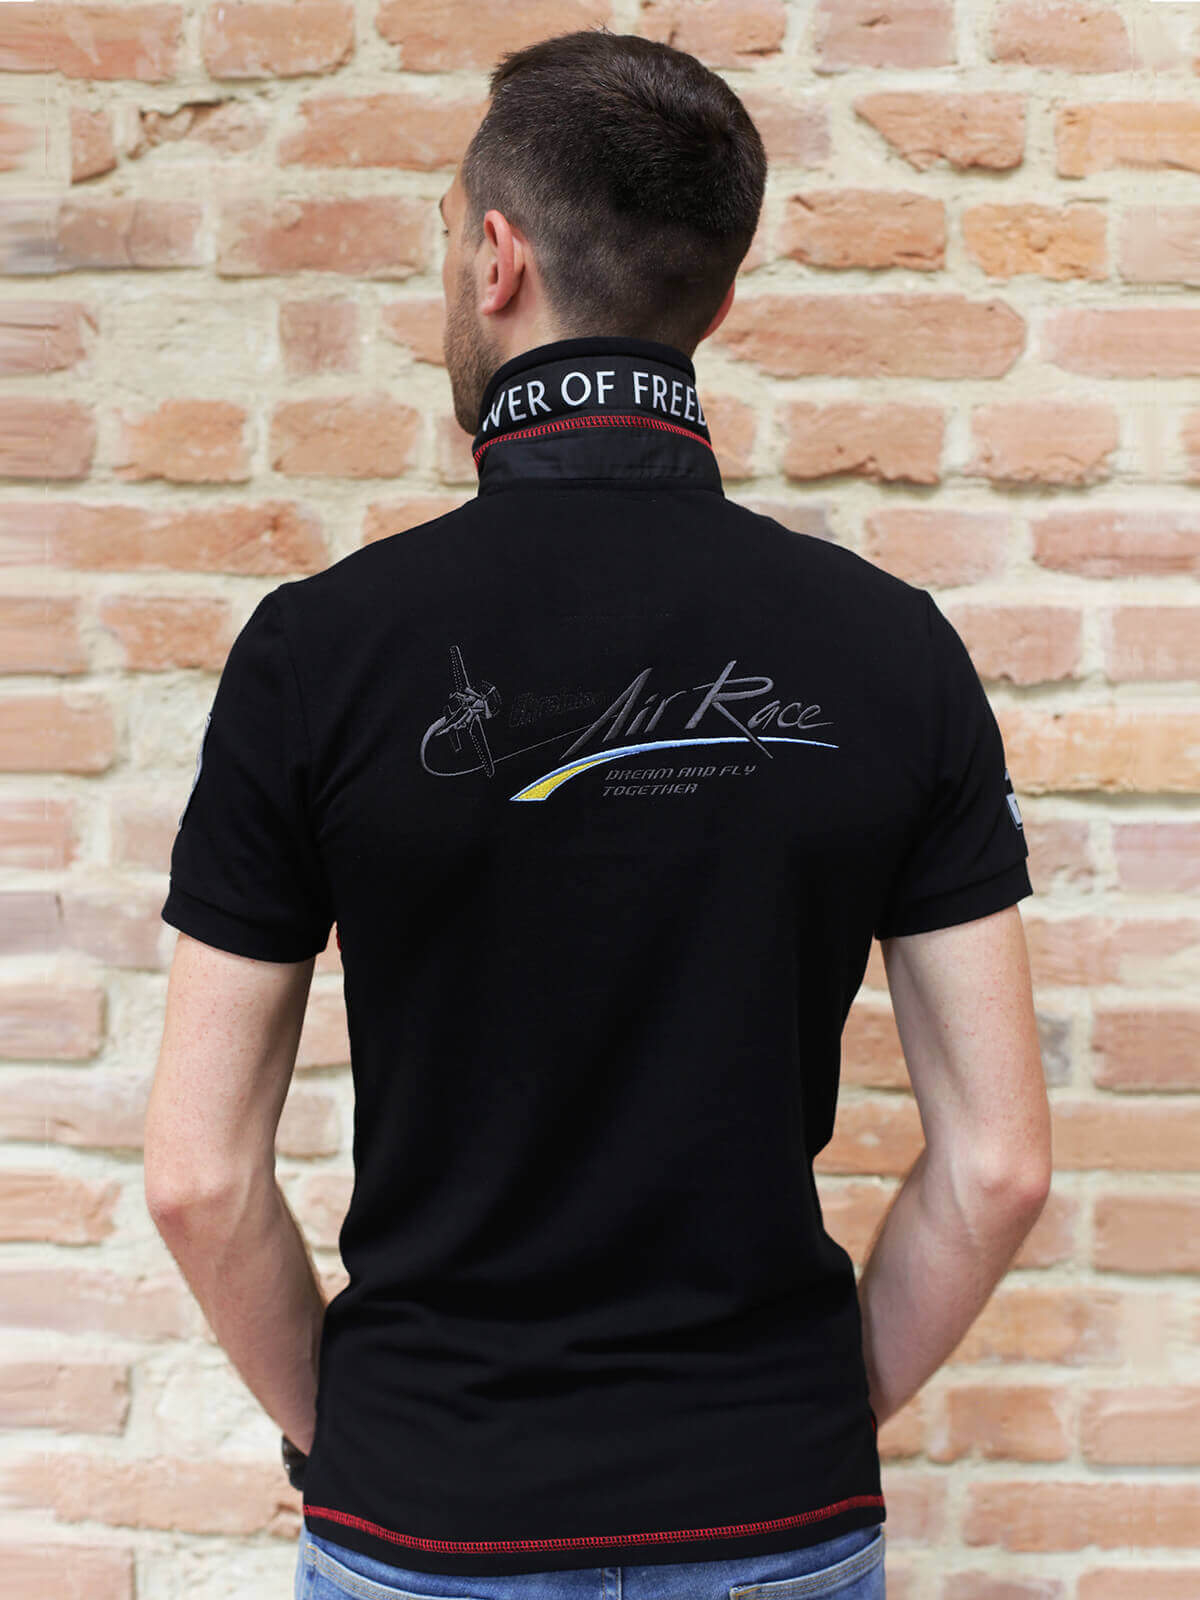 Чоловіче Поло Air Race Dnipro. Колір чорний.  Тканина піке: 100% бавовна.